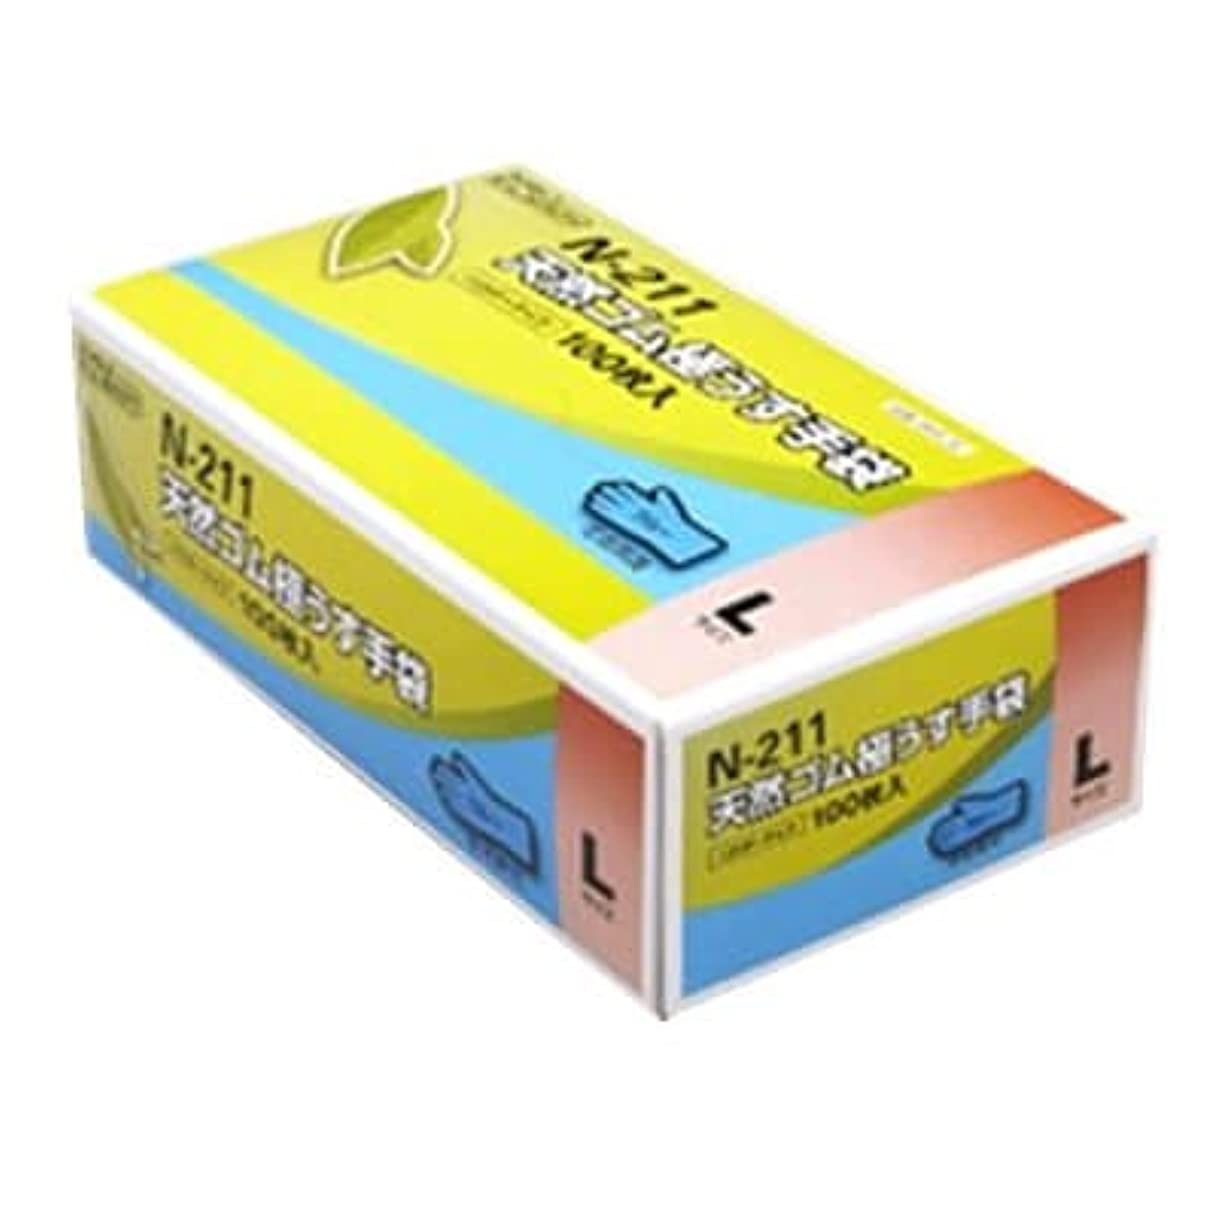 終わらせるゴネリル北方【ケース販売】 ダンロップ 天然ゴム極うす手袋 N-211 L ブルー (100枚入×20箱)